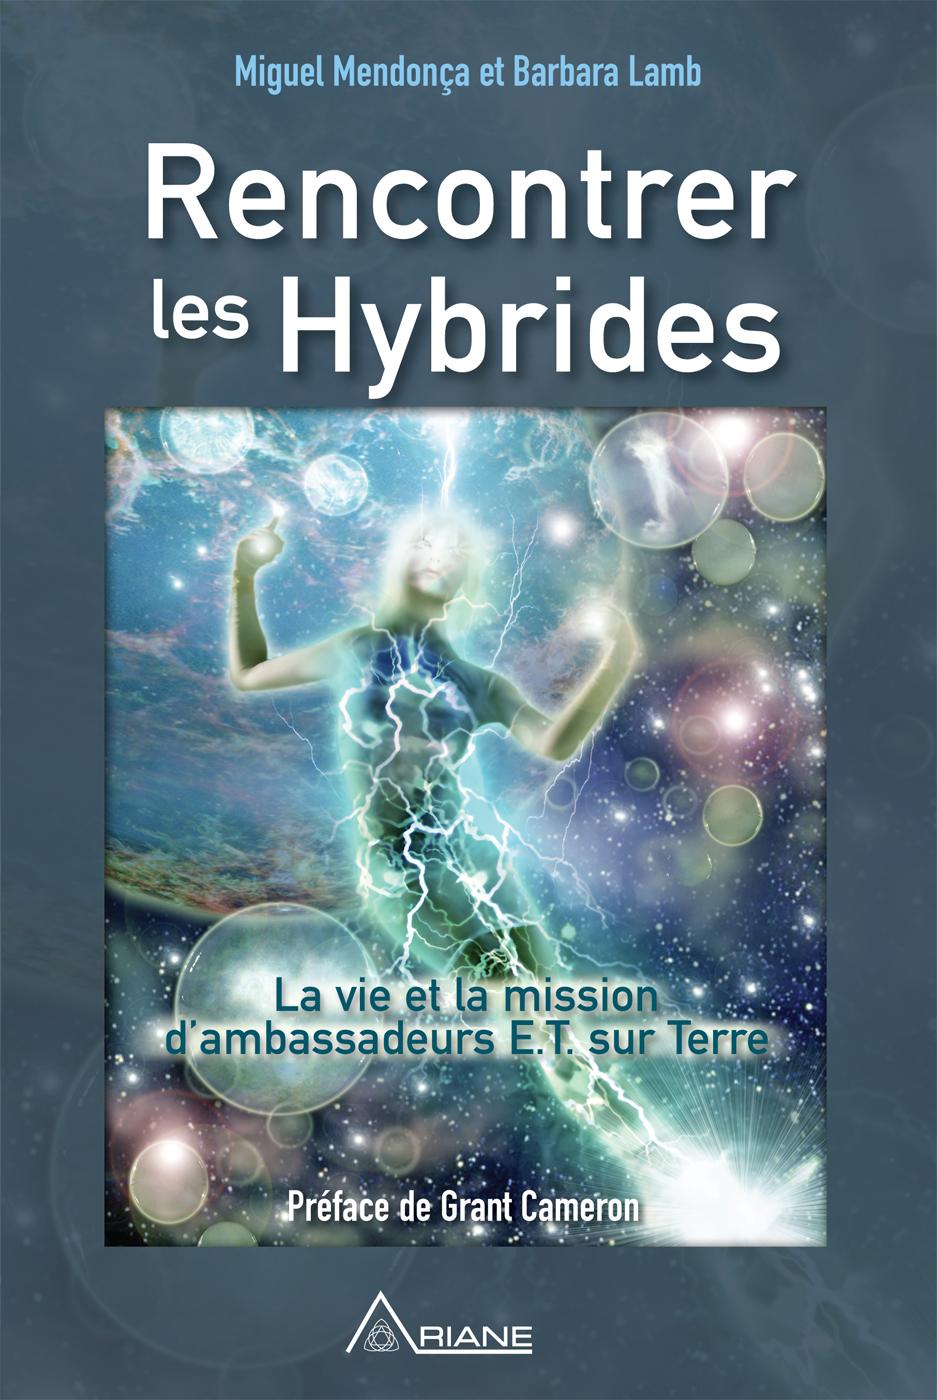 Vignette du livre Rencontrer les hybrides: la vie et la mission d'ambassadeurs E.T.